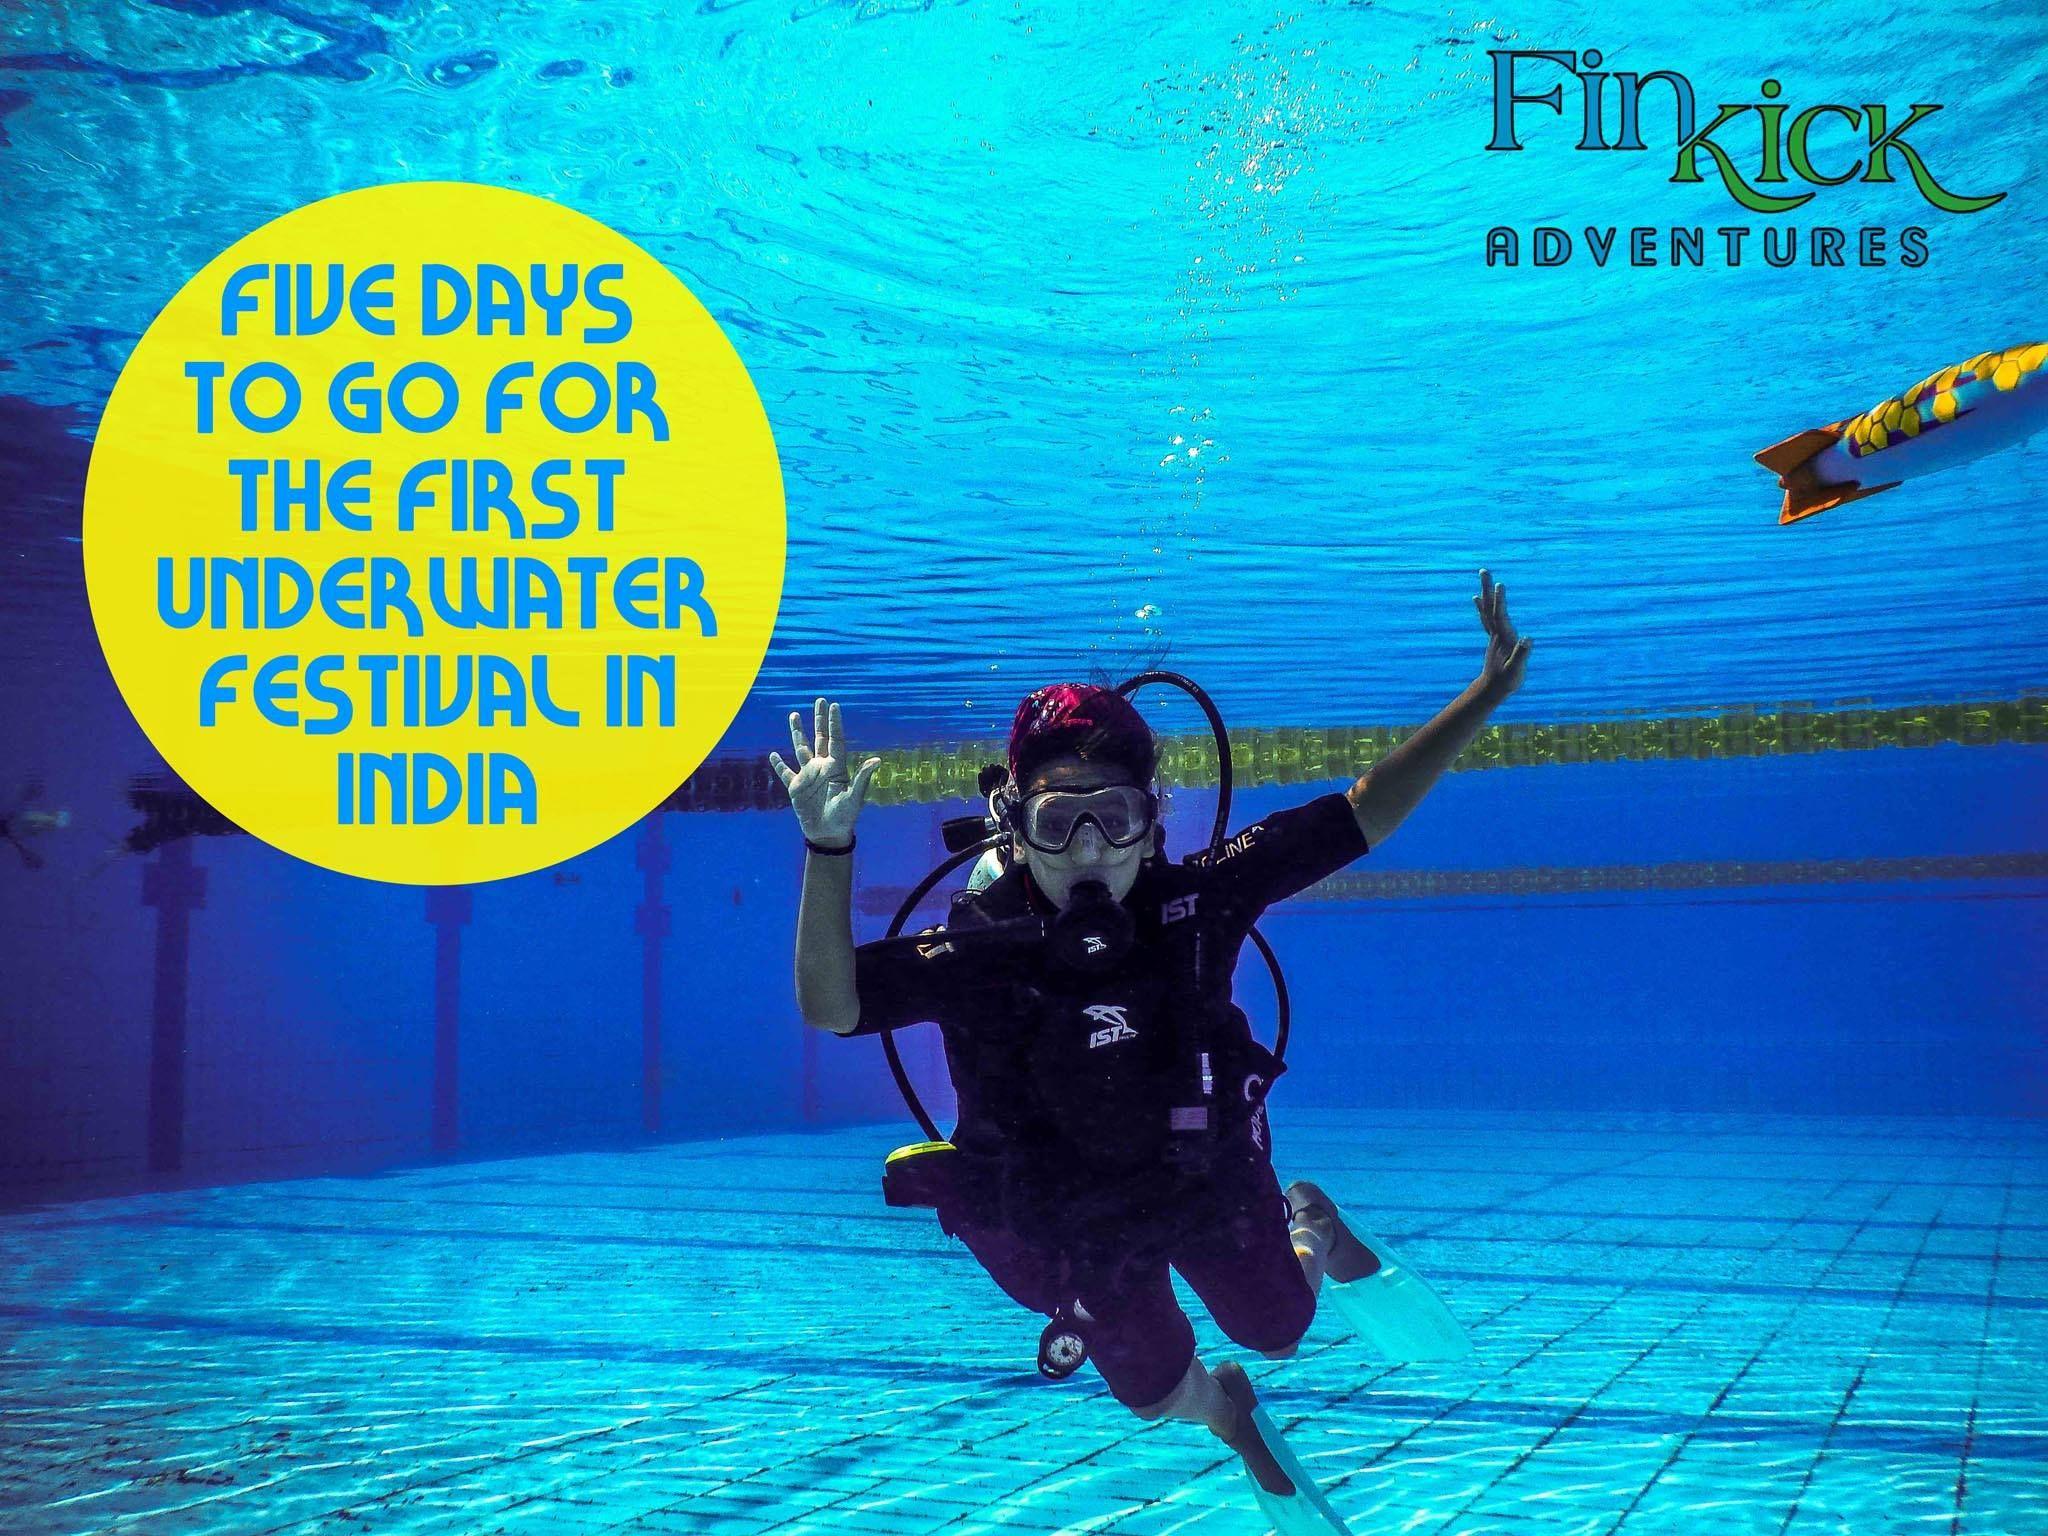 Fish aquarium in surat timings - Activities